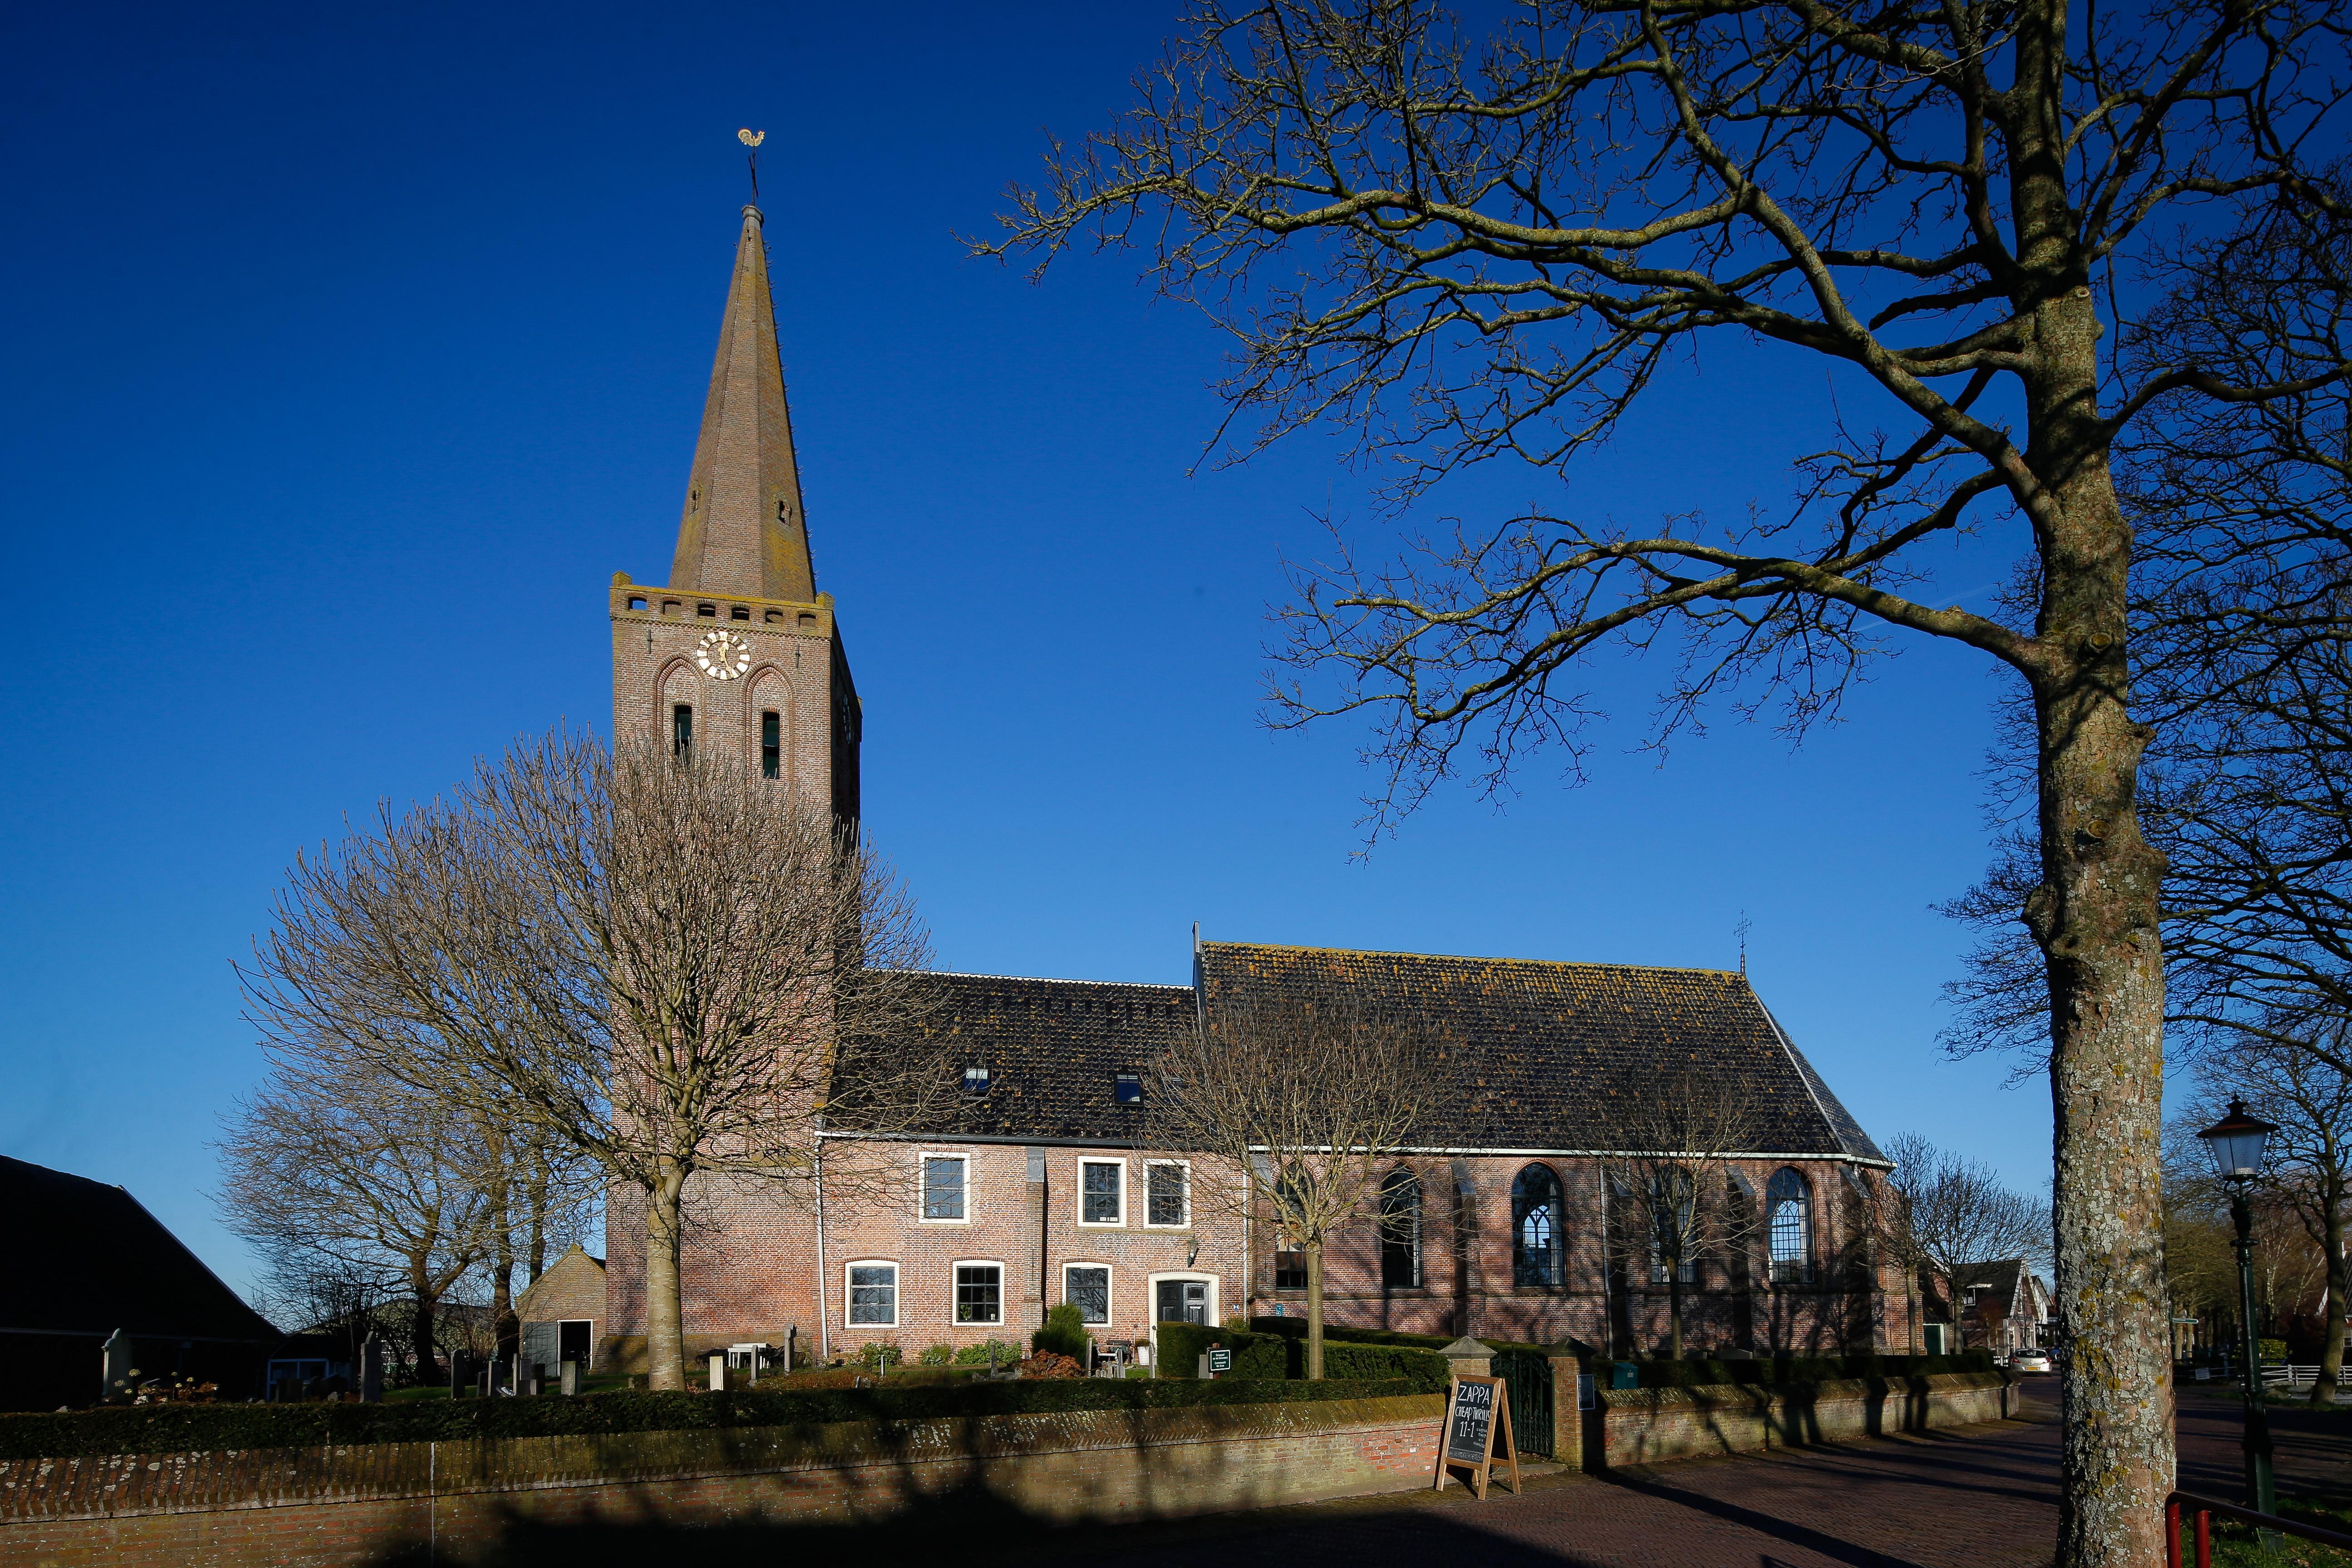 Door coronacrisis meer kerken in de verkoop, René en Gerda wonen hemels in oude kerk